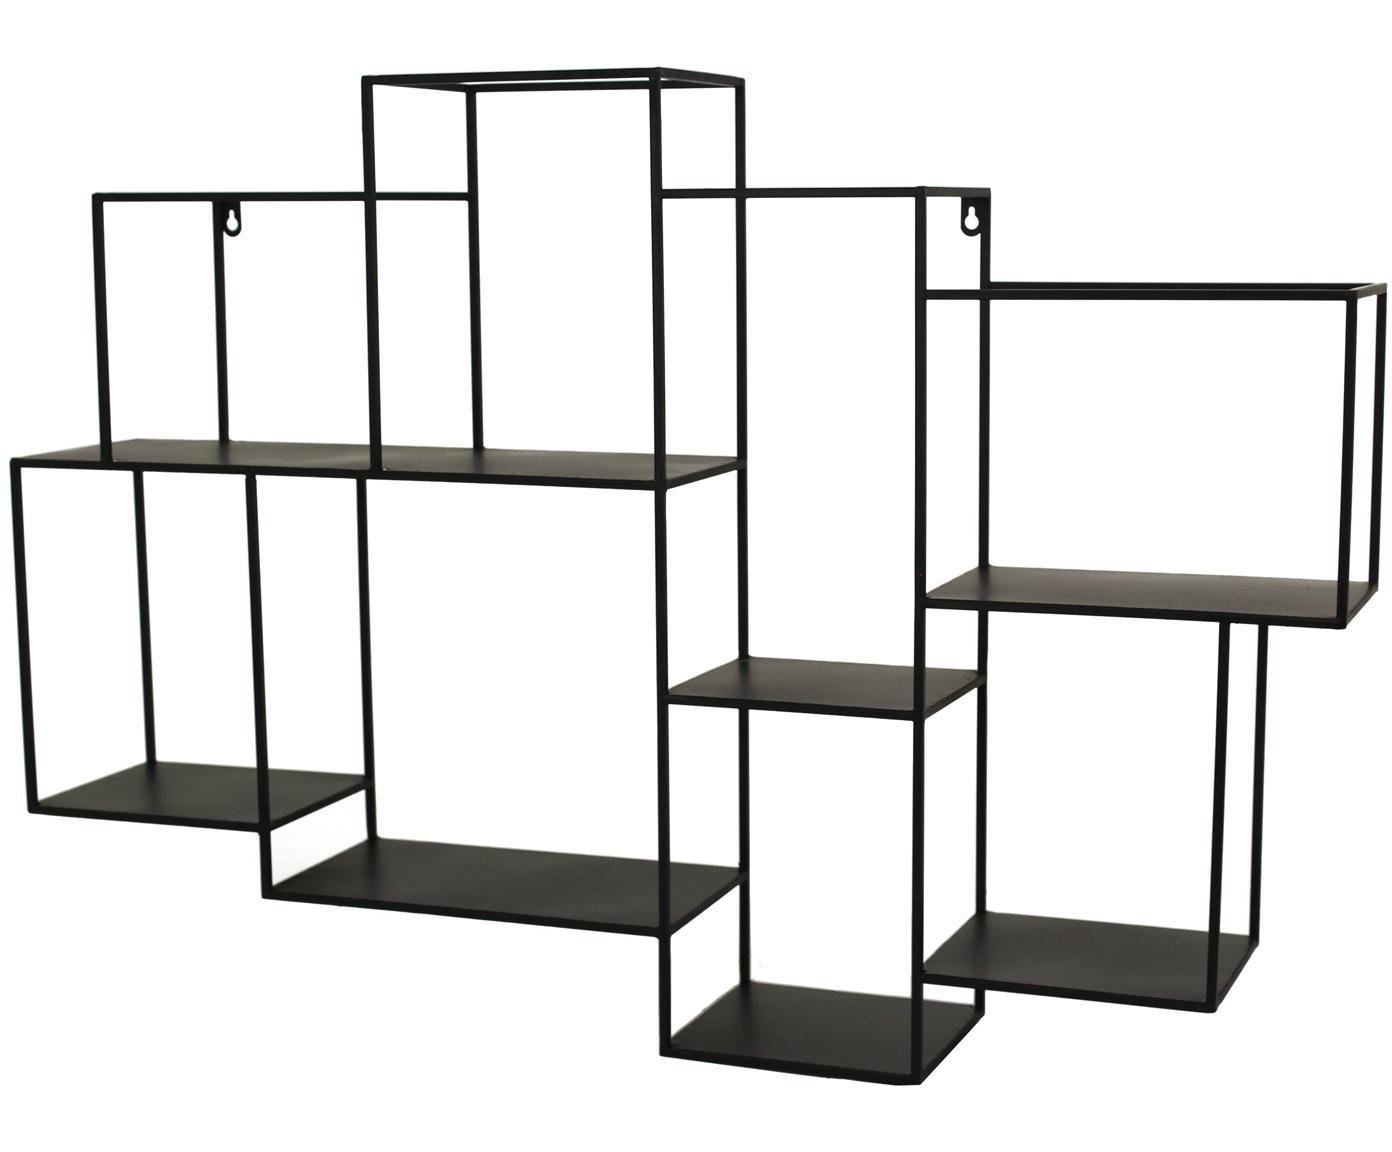 Metall-Wandregal Parnke mit 8 Fächern, Metall, pulverbeschichtet, Schwarz, 98 x 68 cm